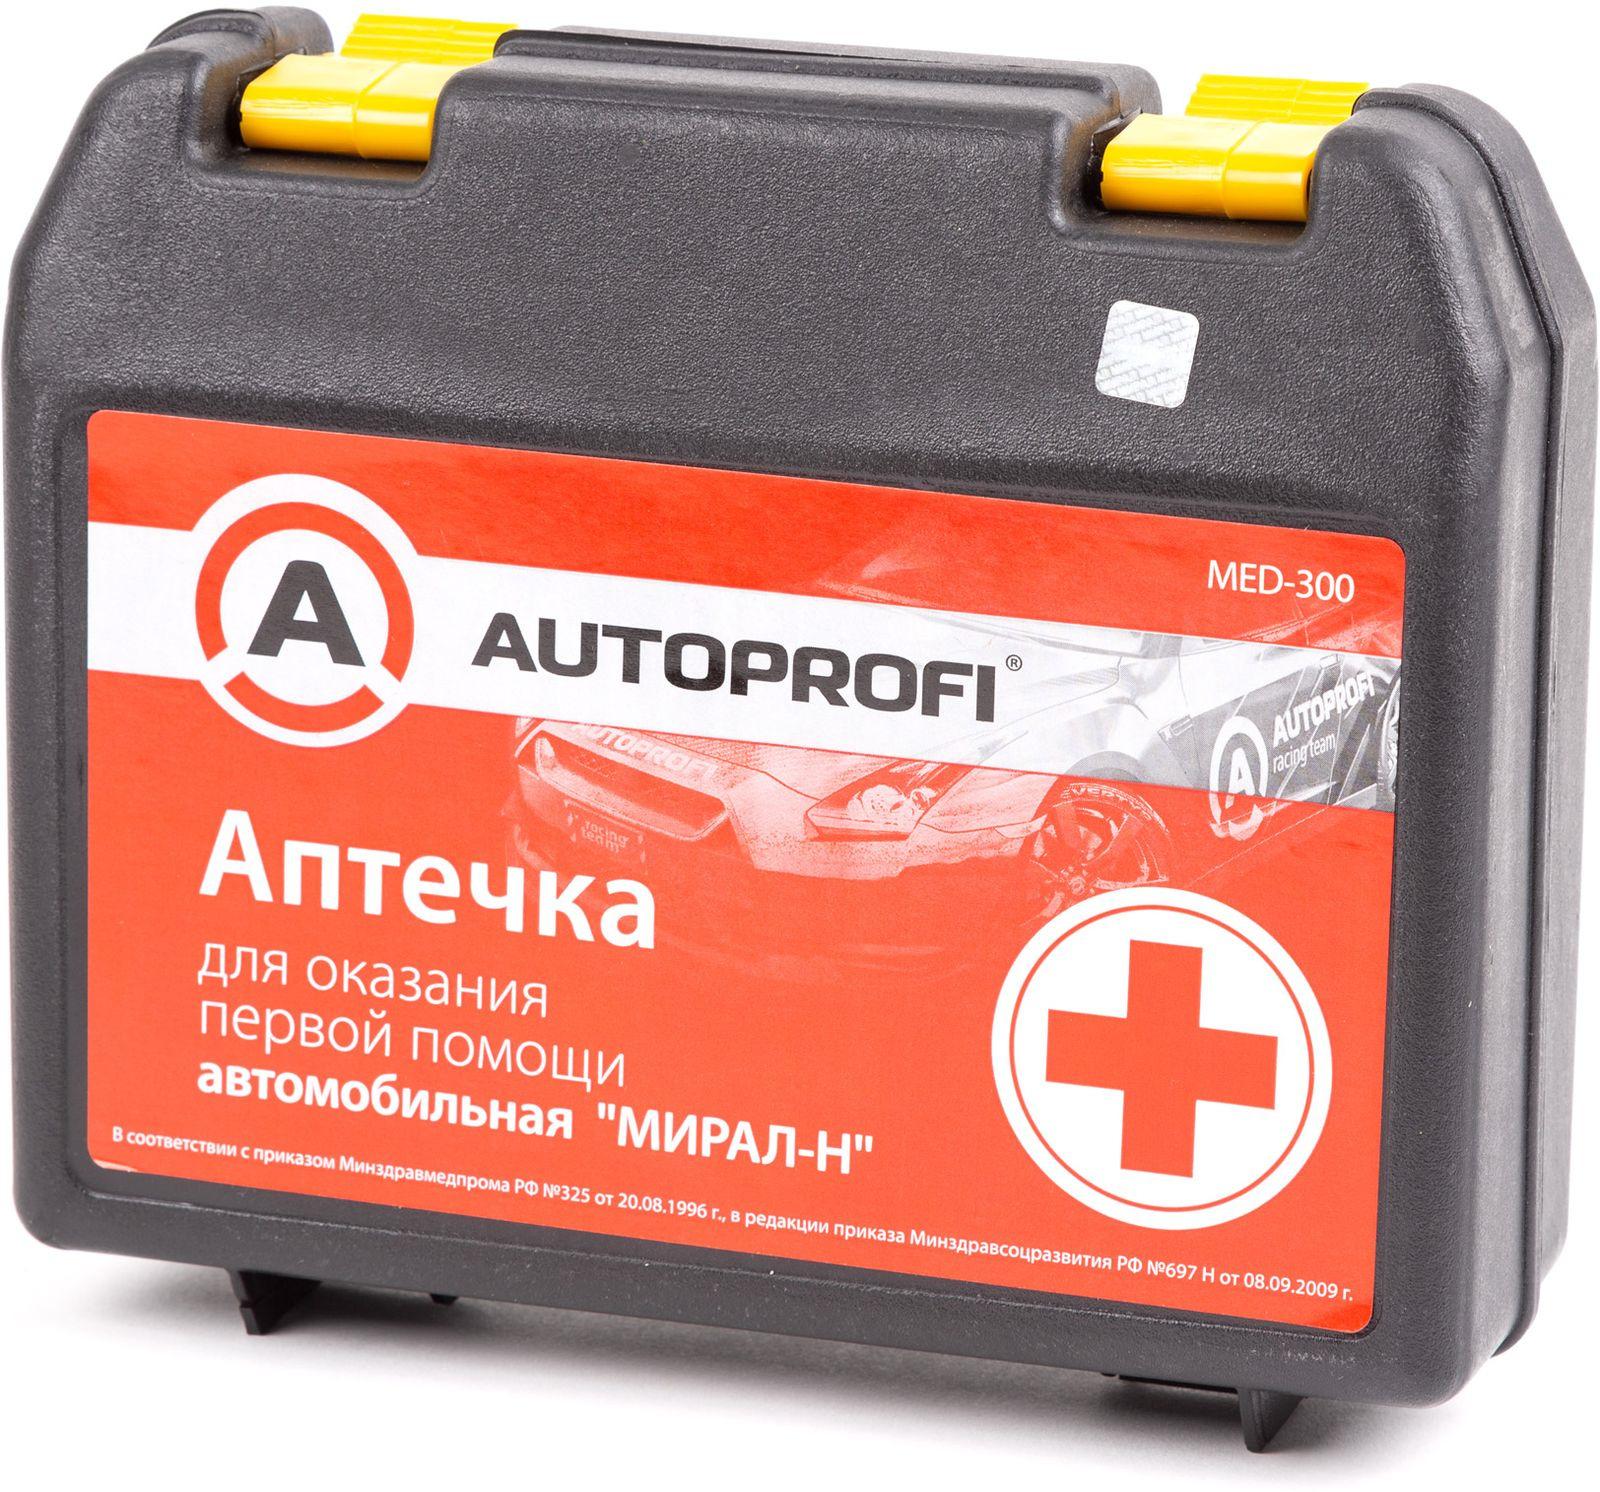 Аптечка первой помощи Autoprifi, MED-300, автомобильная